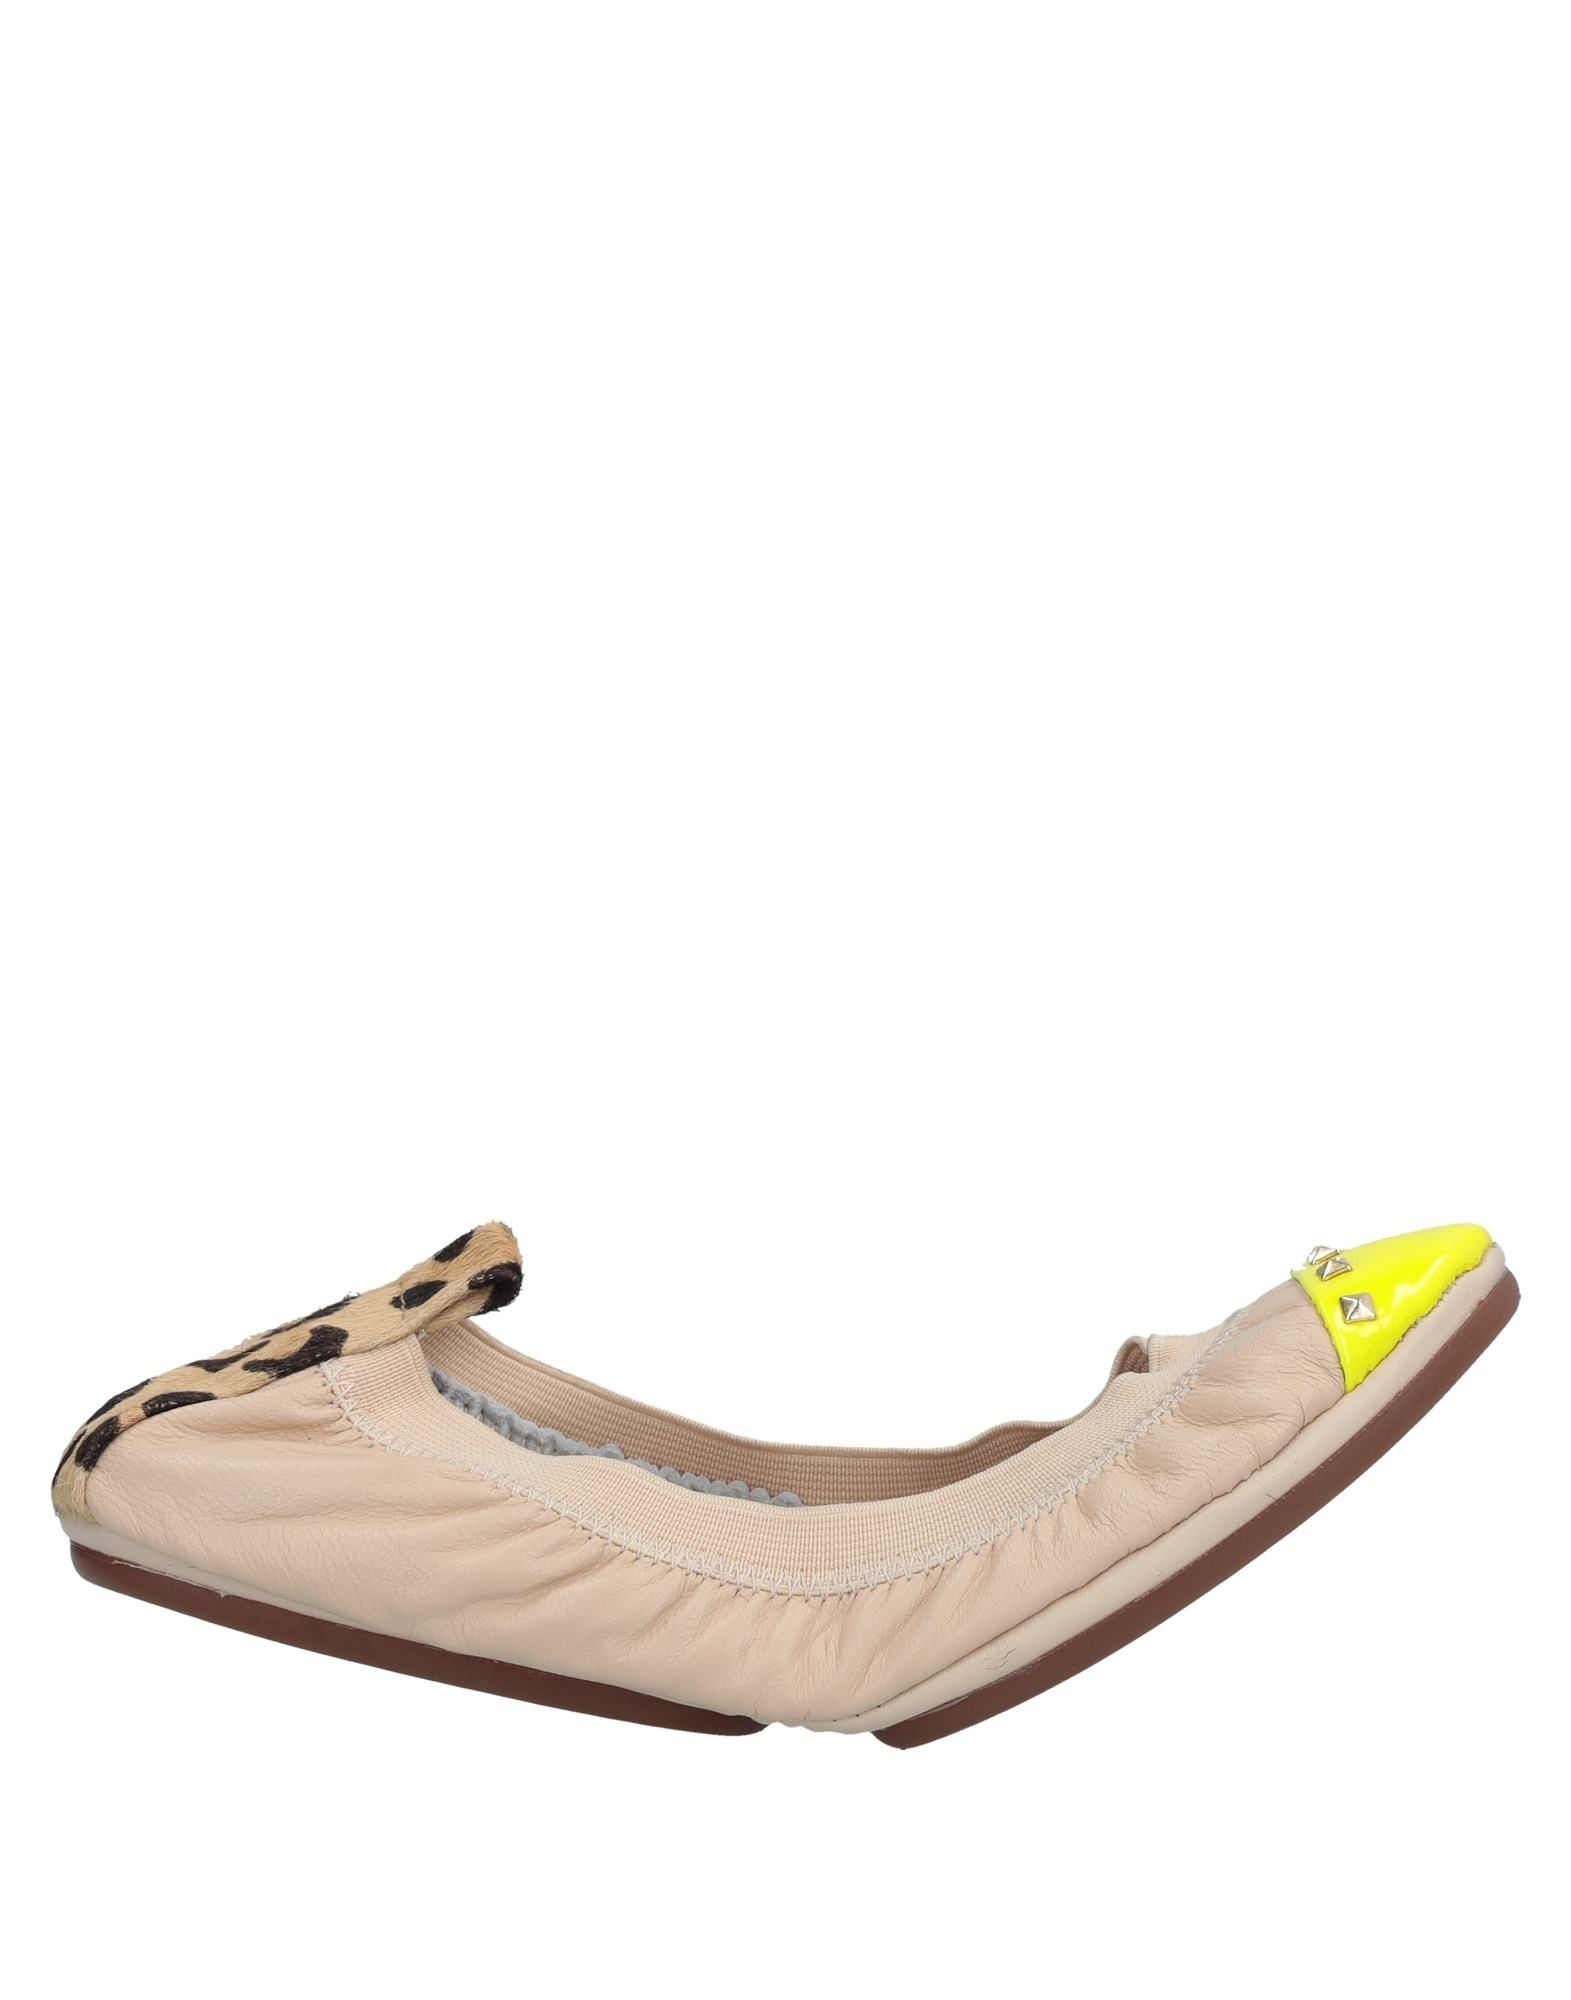 Yosi 11530143DM Samra Ballerinas Damen  11530143DM Yosi Gute Qualität beliebte Schuhe 3144ca